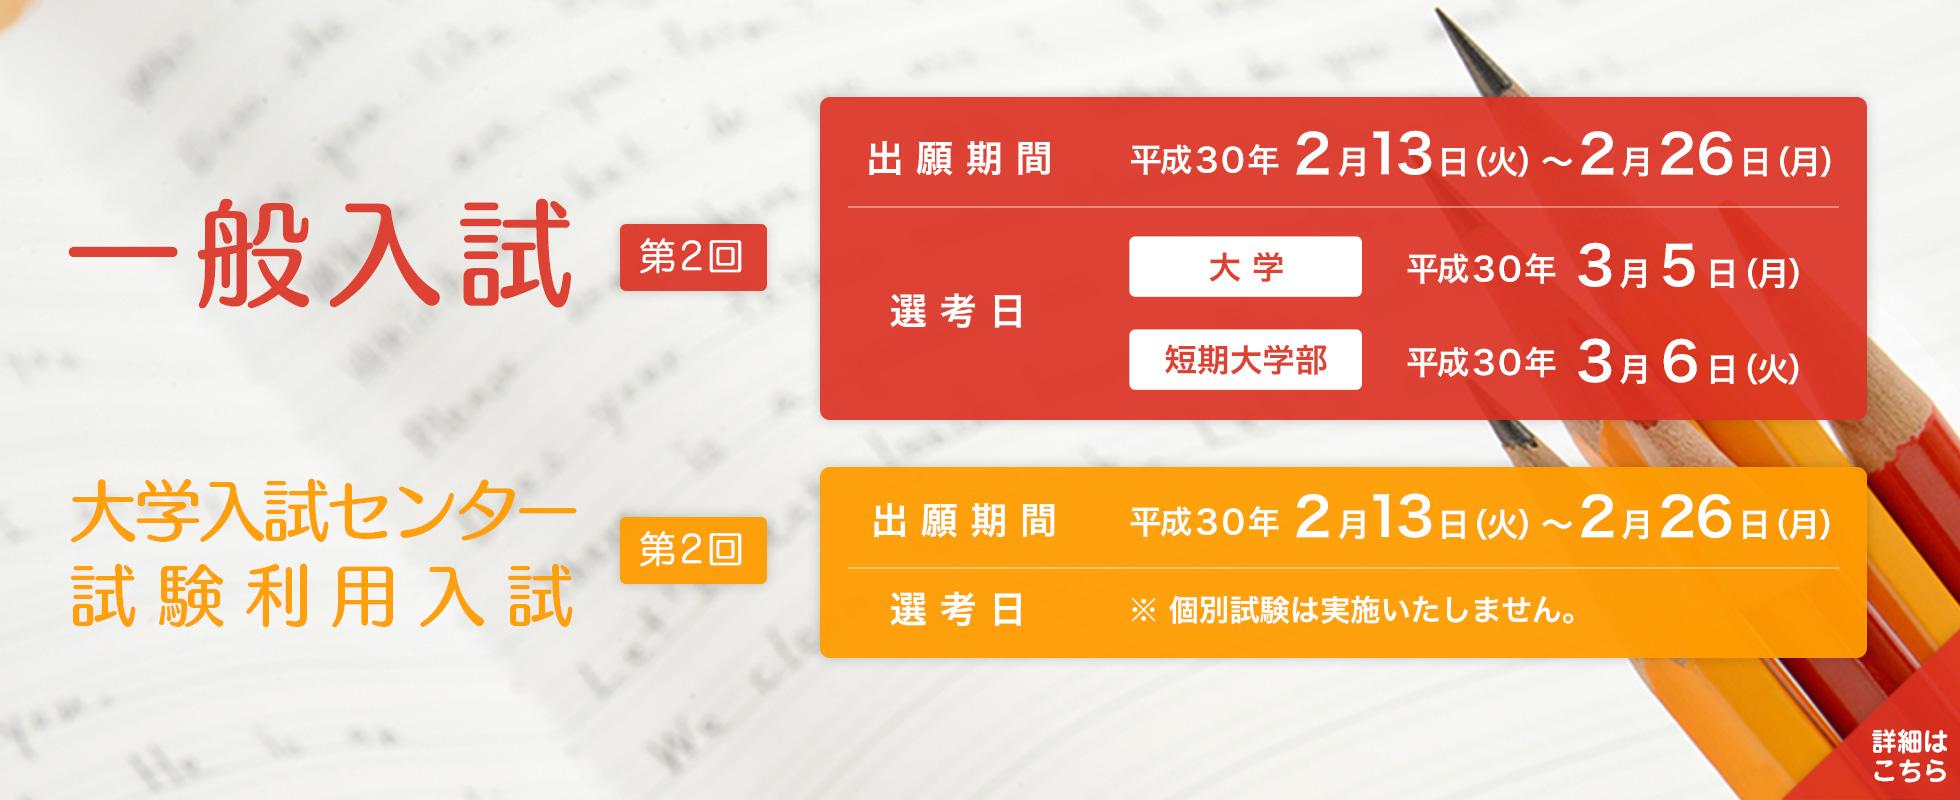 一般入試(第2回)、大学入試センター試験利用入試(第2回)